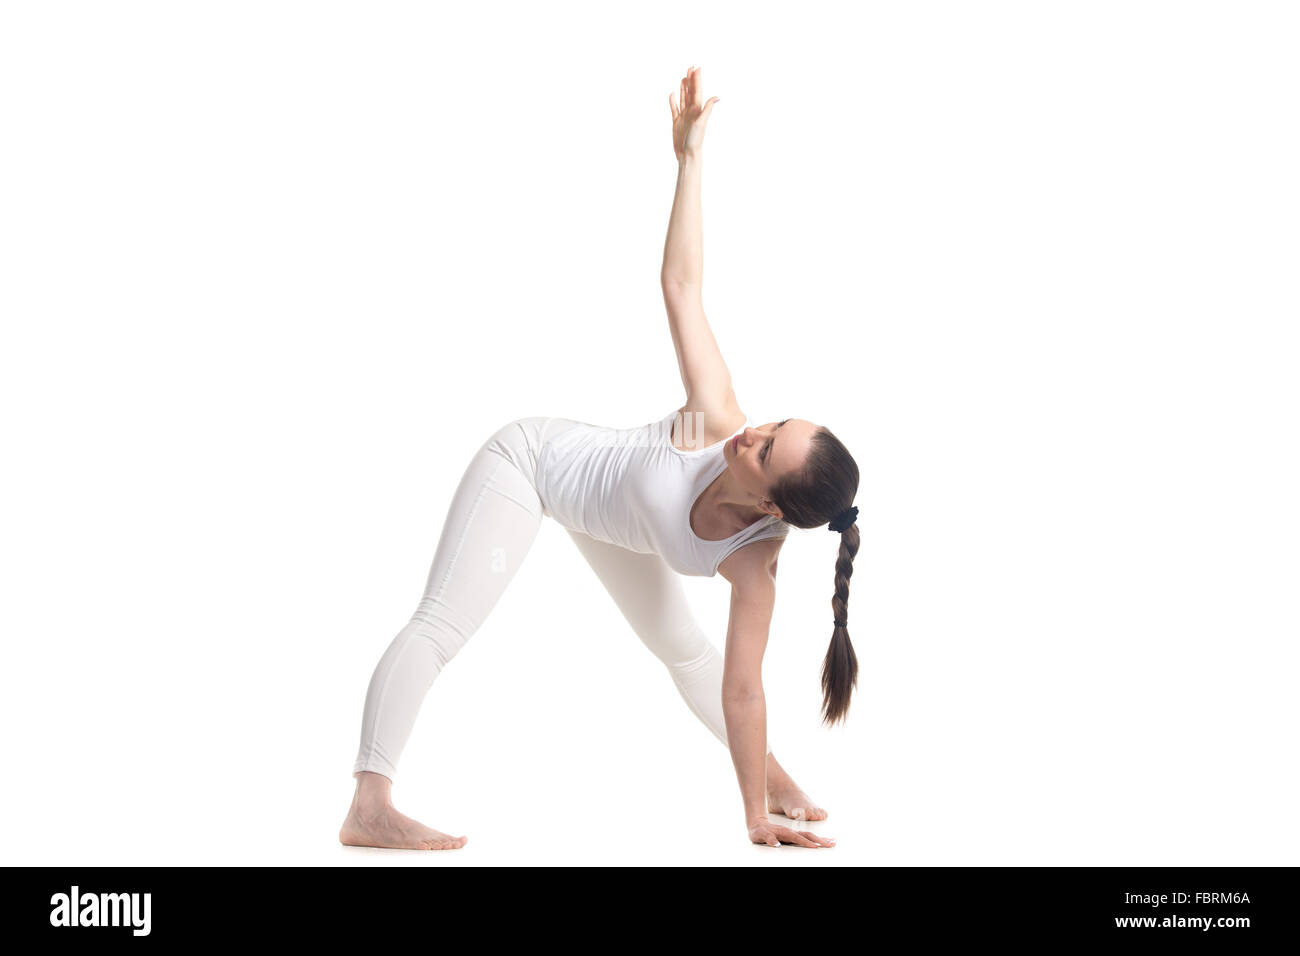 Sportlich schöne junge Frau im weißen Sportbekleidung stehen in Variante des Dreieck-Yoga pose, Studio Stockbild